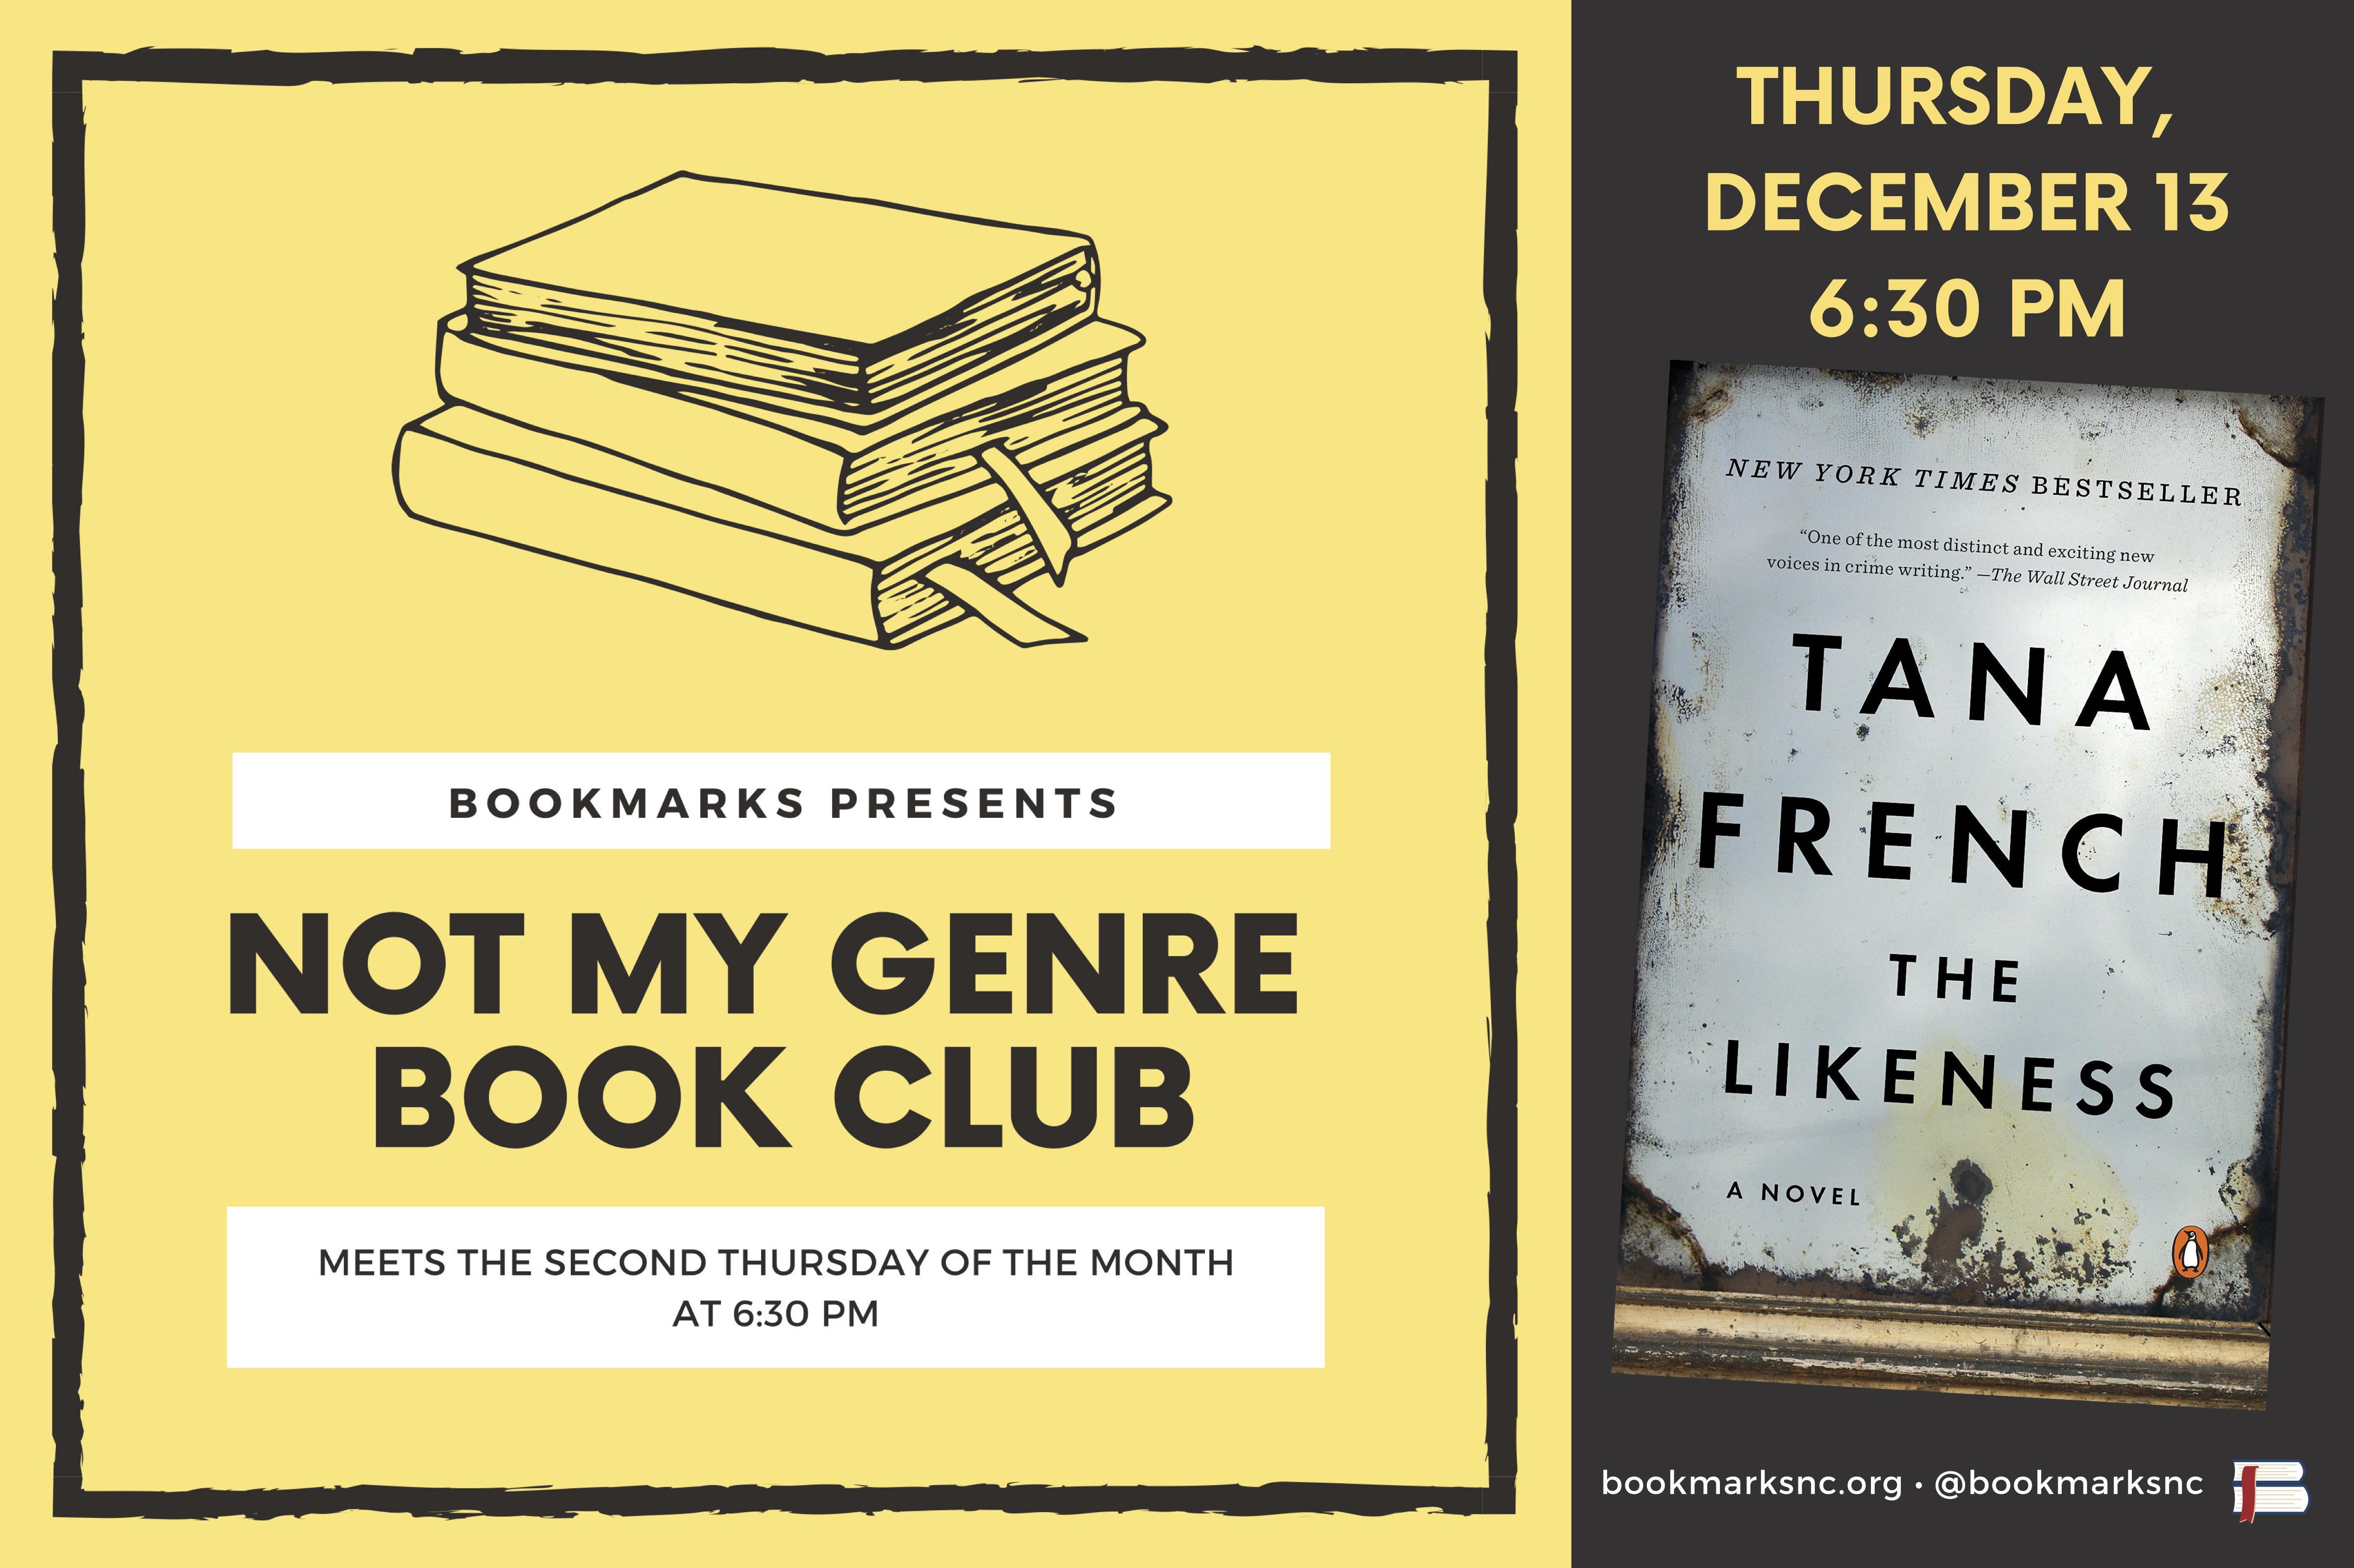 Not My Genre Book Club